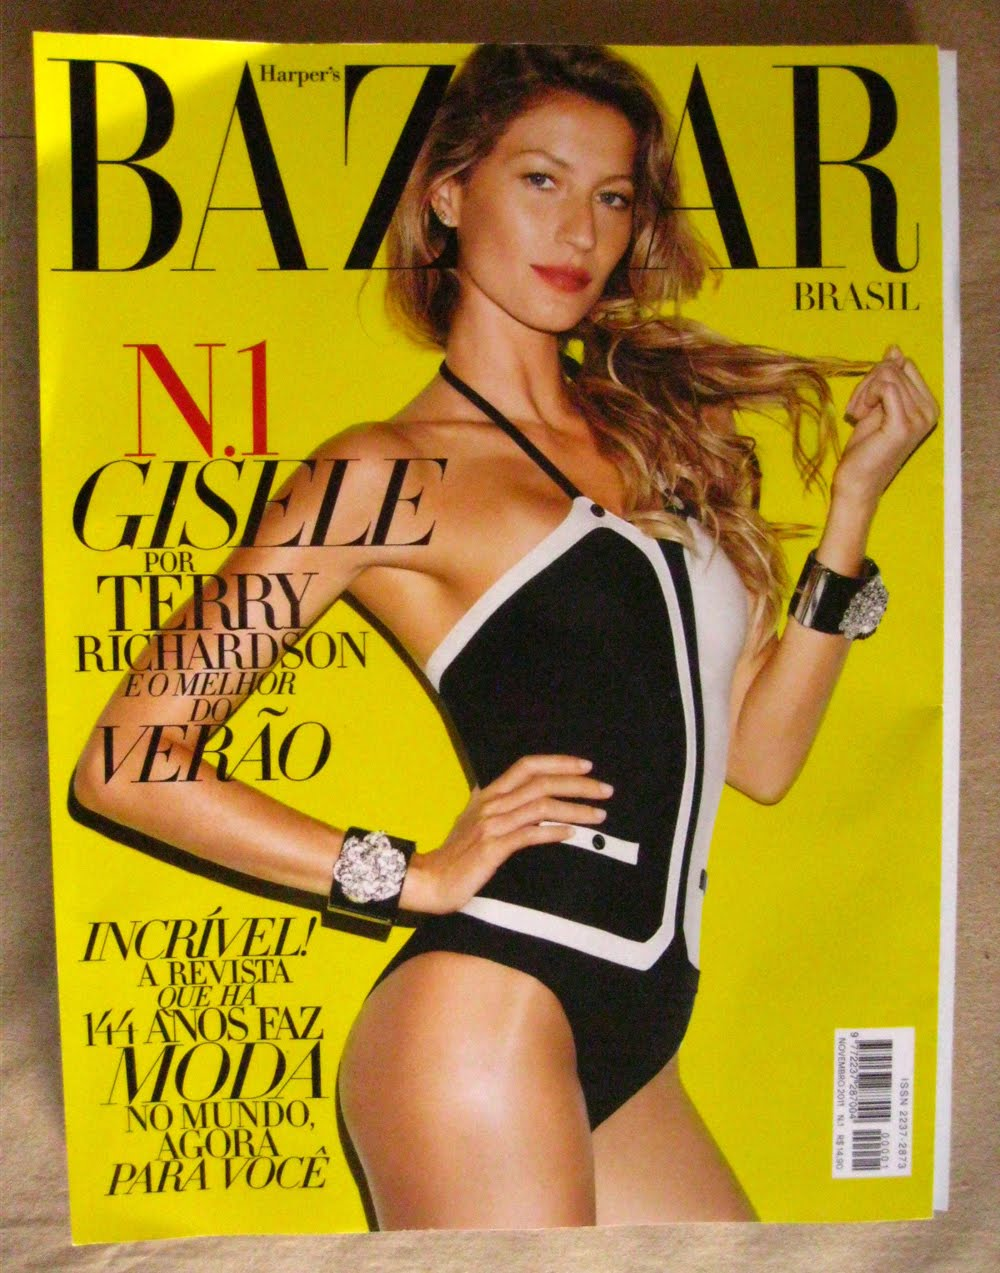 capa Harpers Bazaar-nov11.jpg